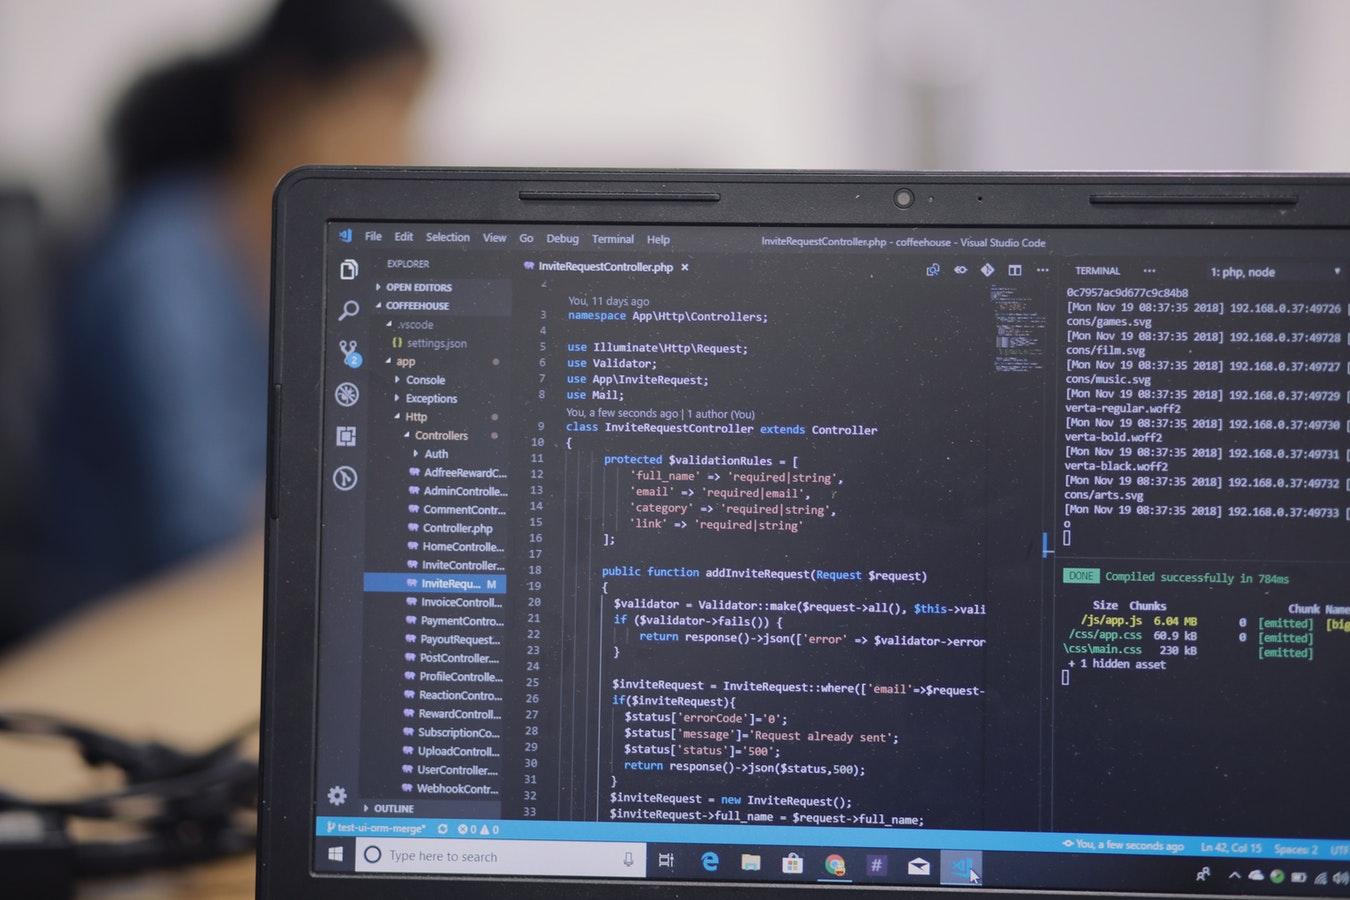 مطلوب مبرمج تطبيقات جوال لشركة برمجية في اسطنبول